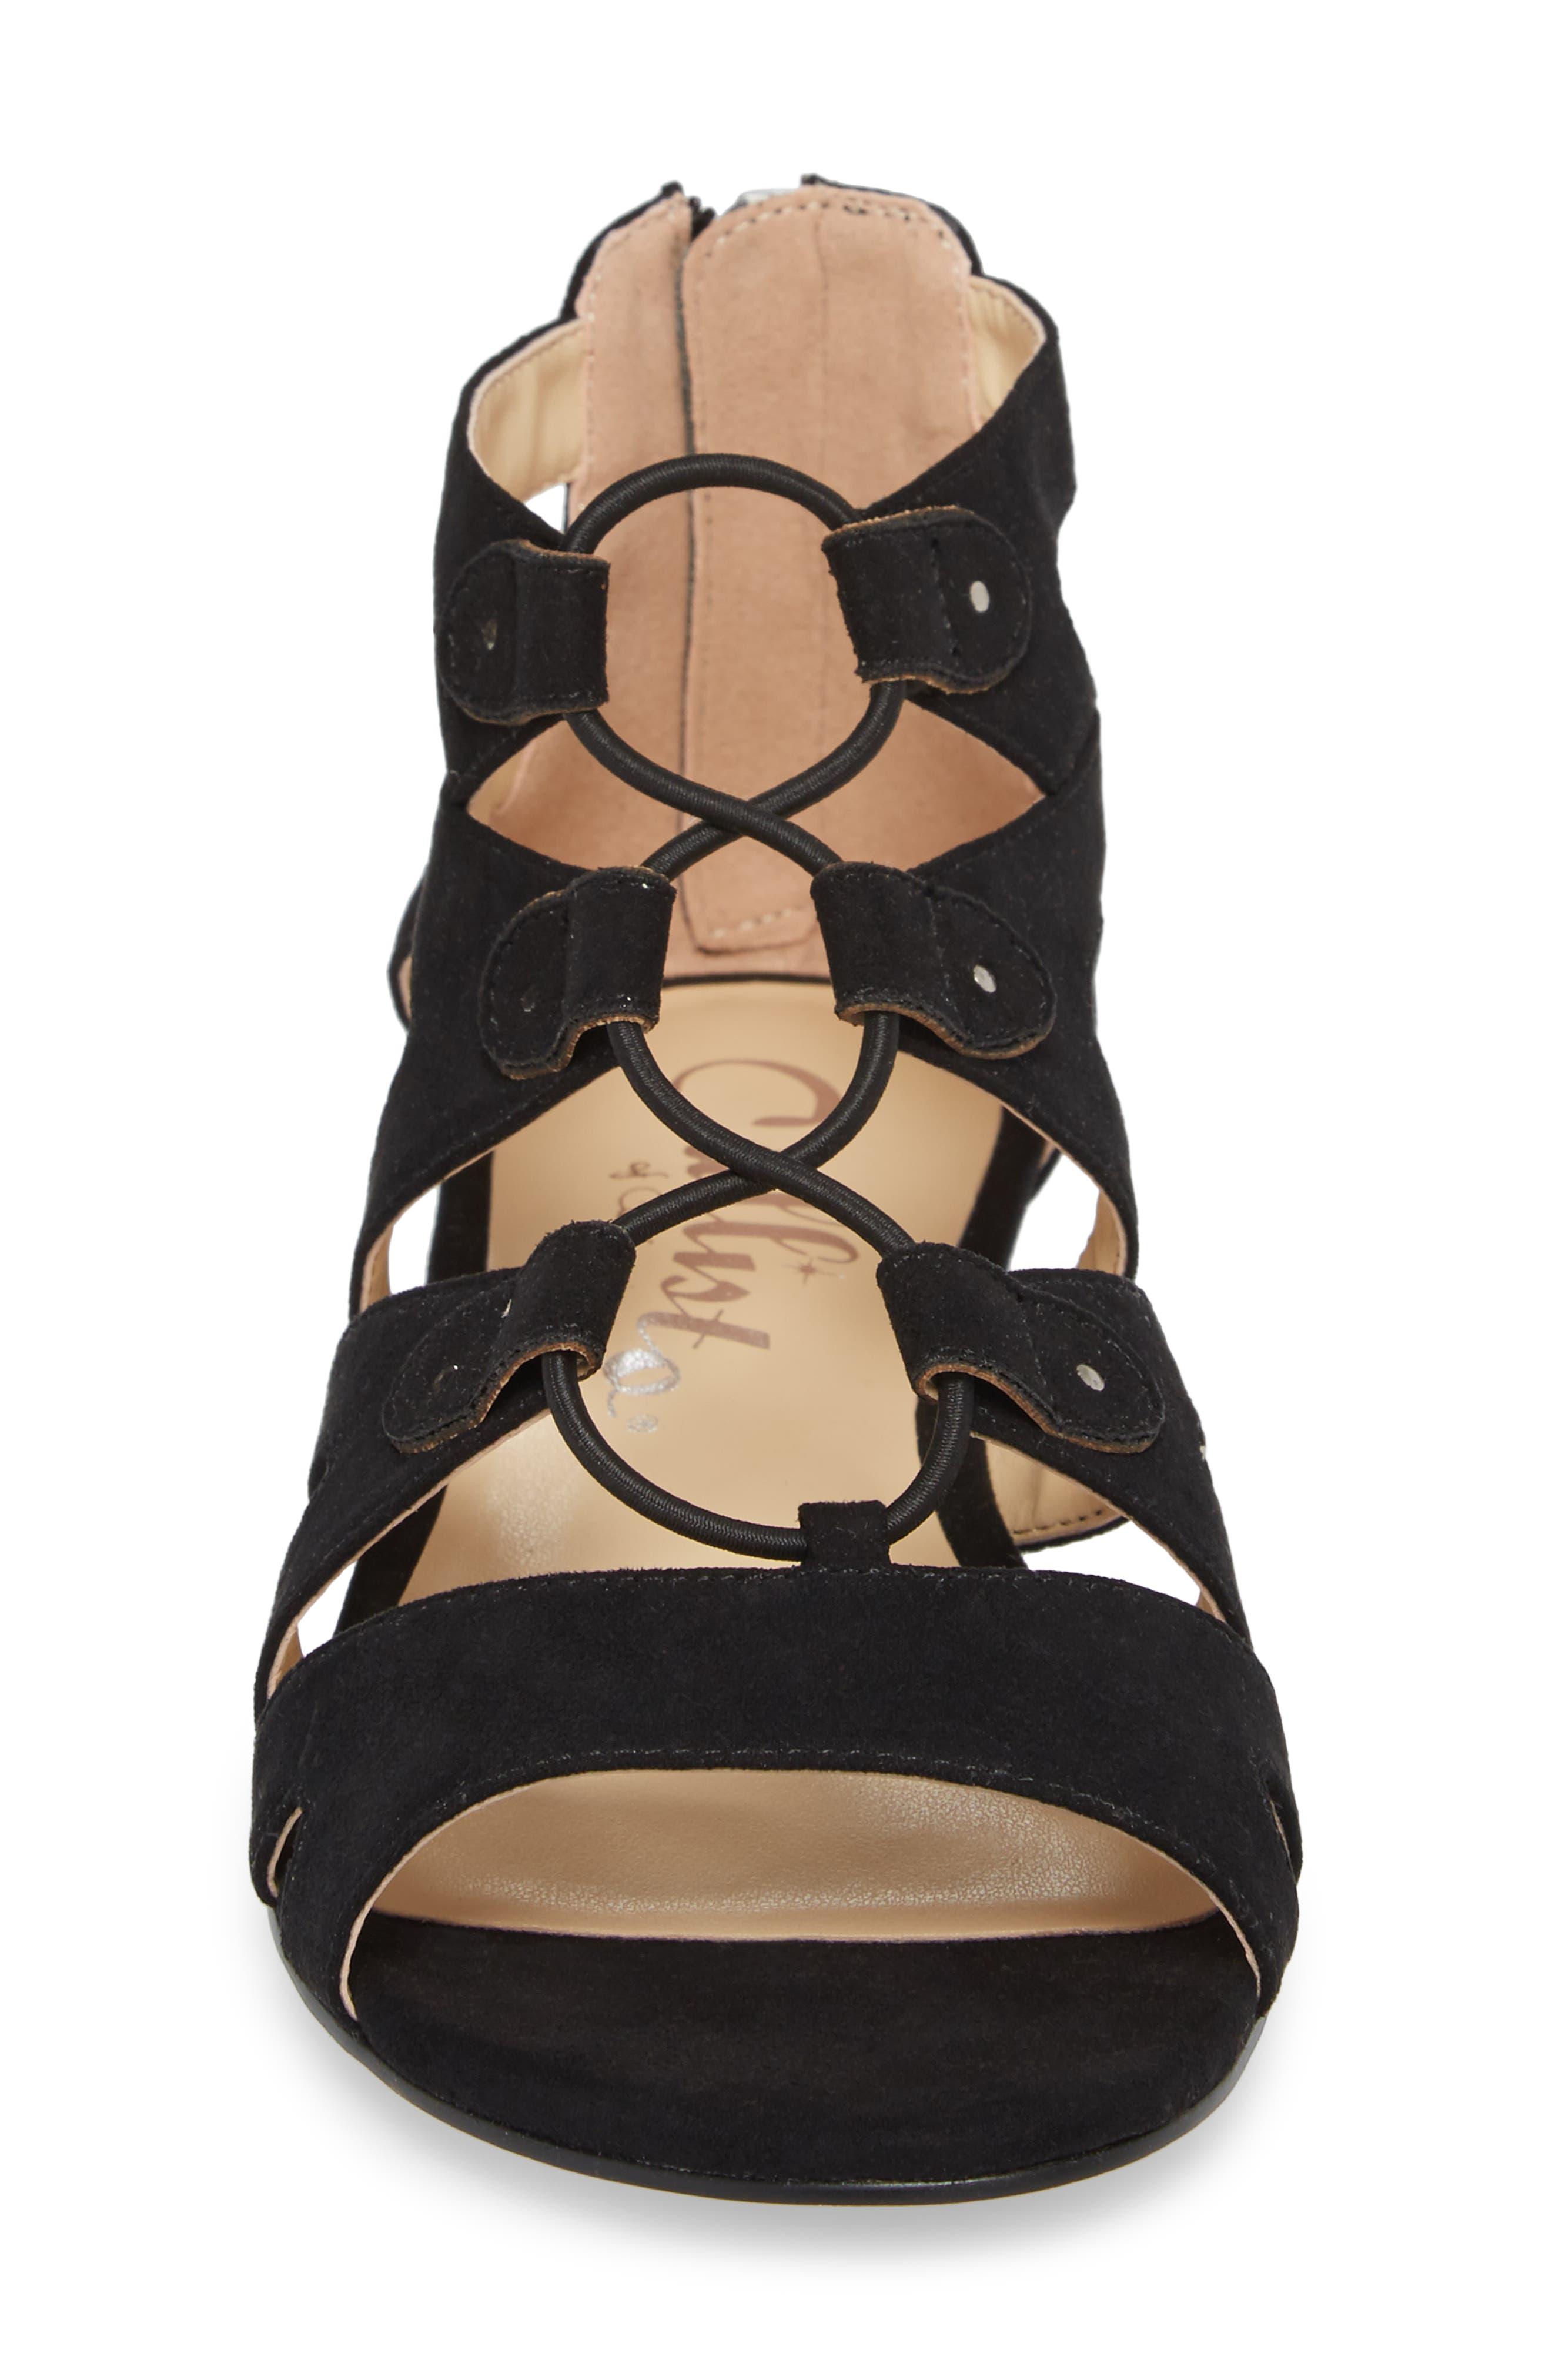 Lexx Lace-Up Sandal,                             Alternate thumbnail 4, color,                             003